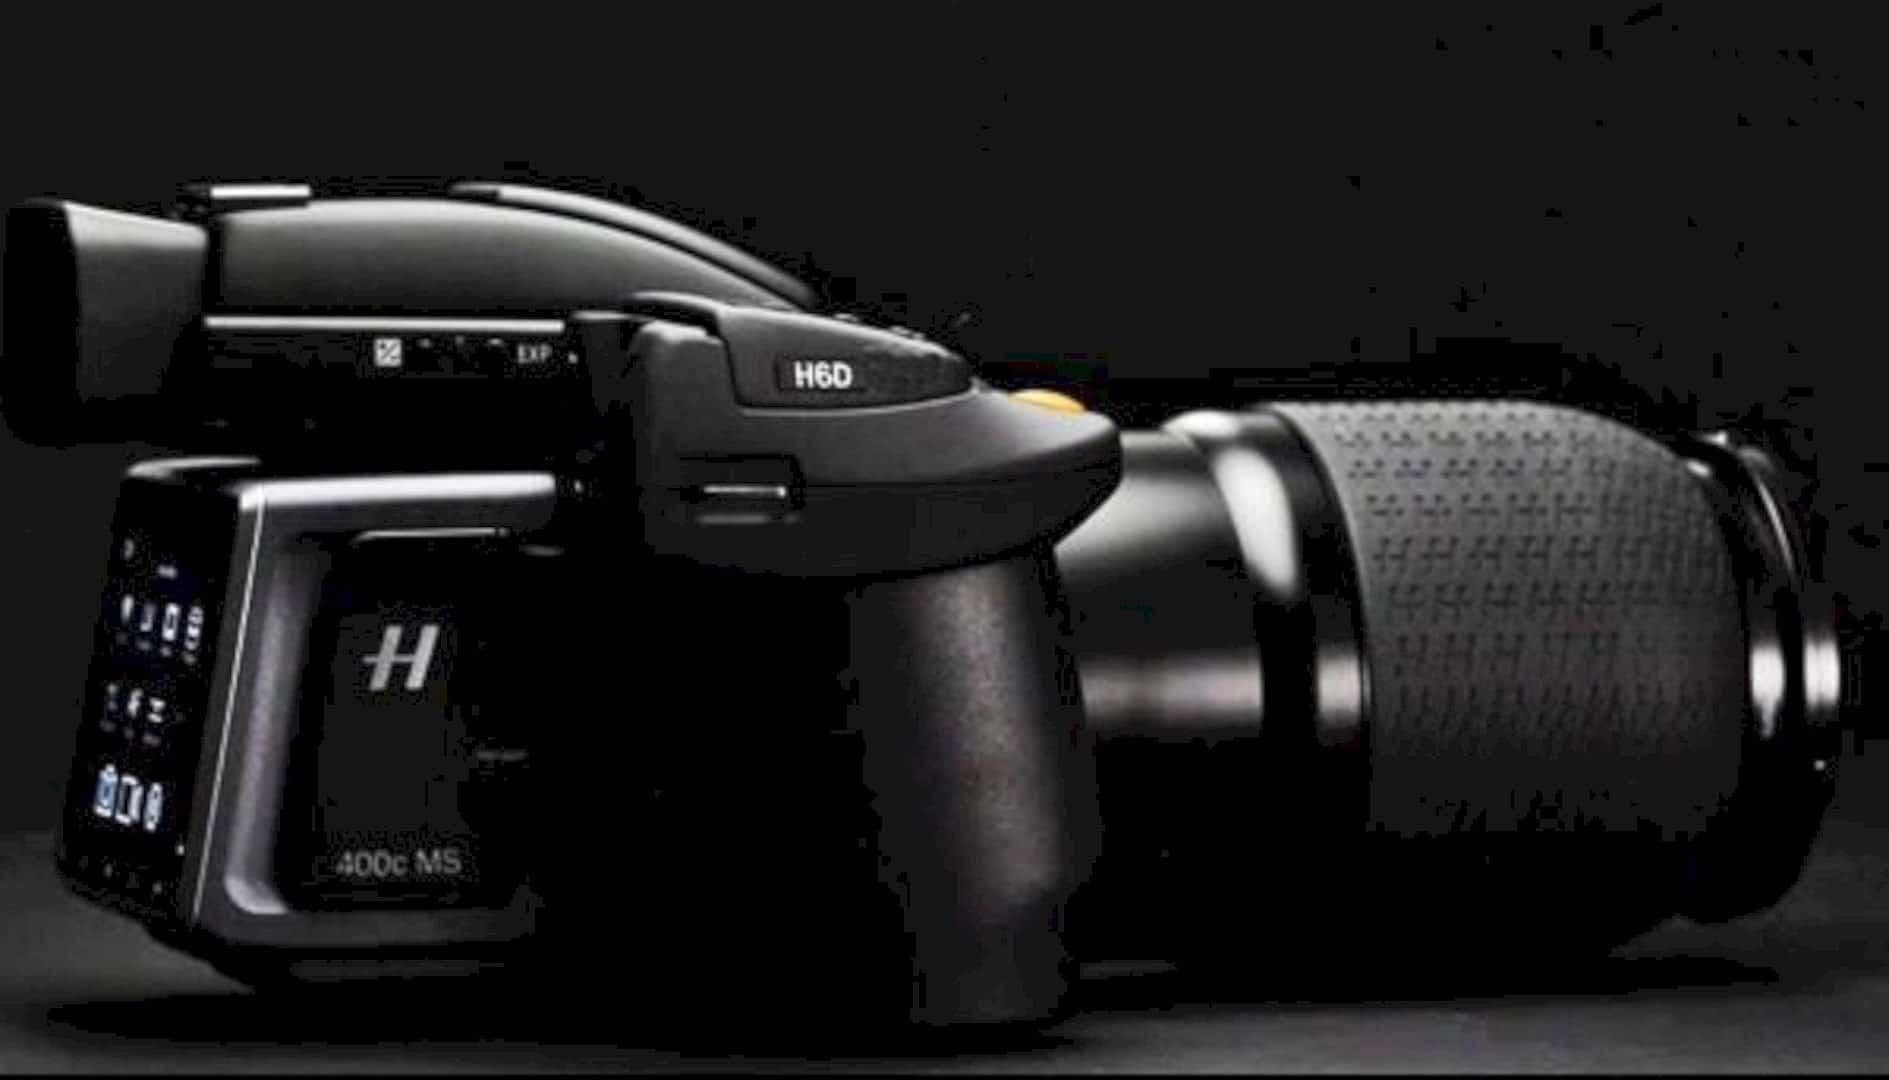 H6D 400C MS 3